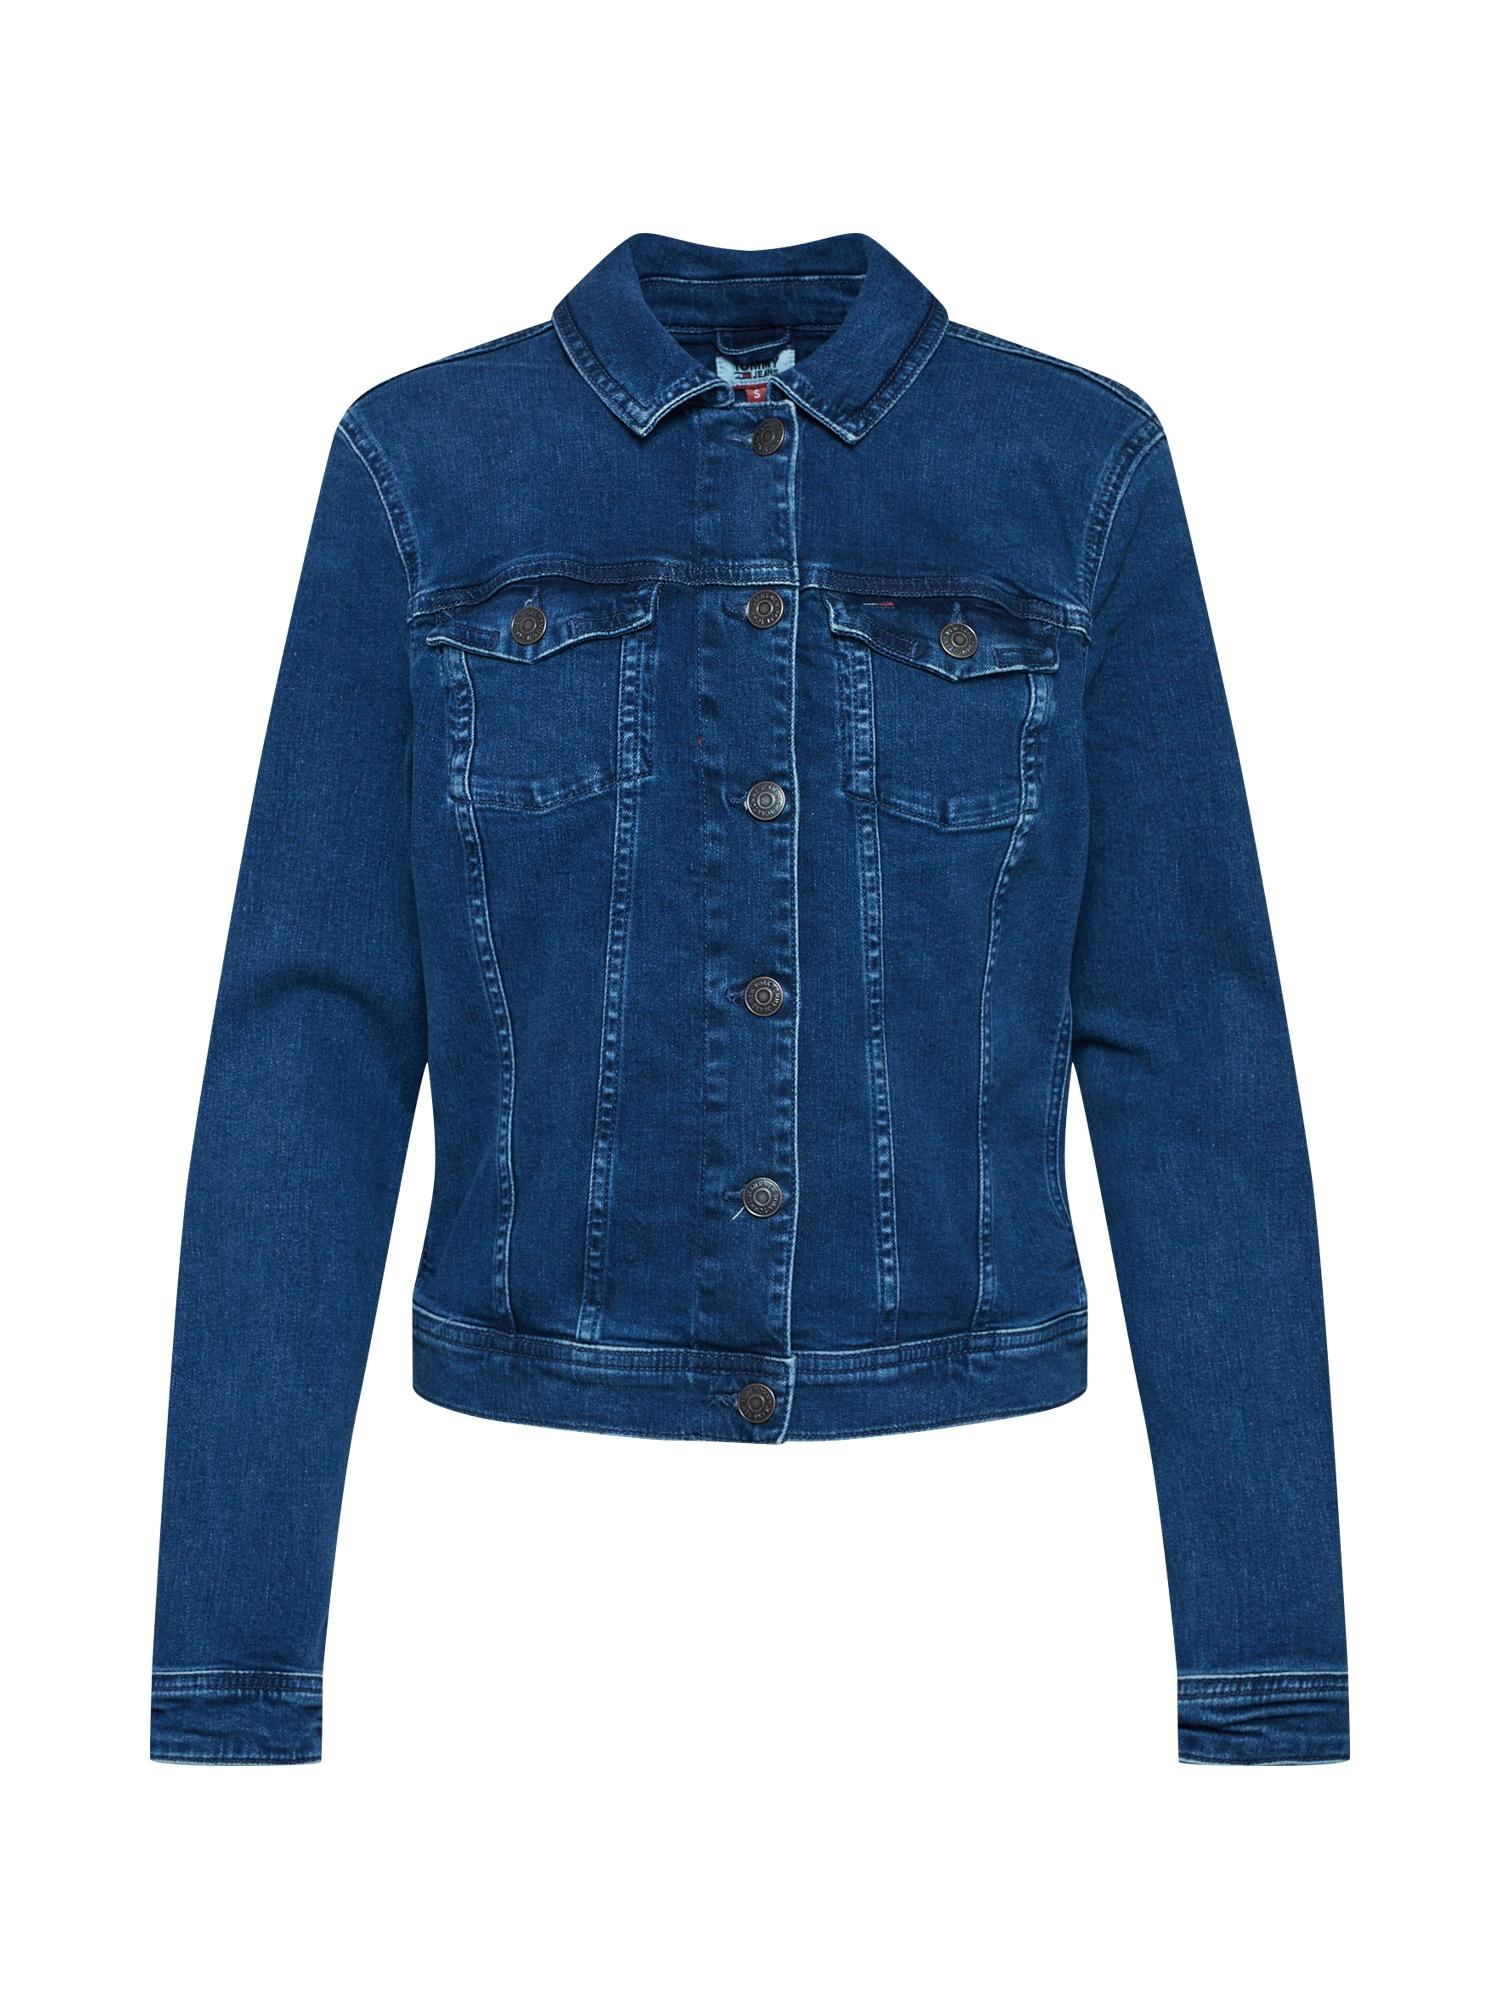 Přechodná bunda SLIM TRUCKER VIVIANNE OCTMD modrá džínovina Tommy Jeans